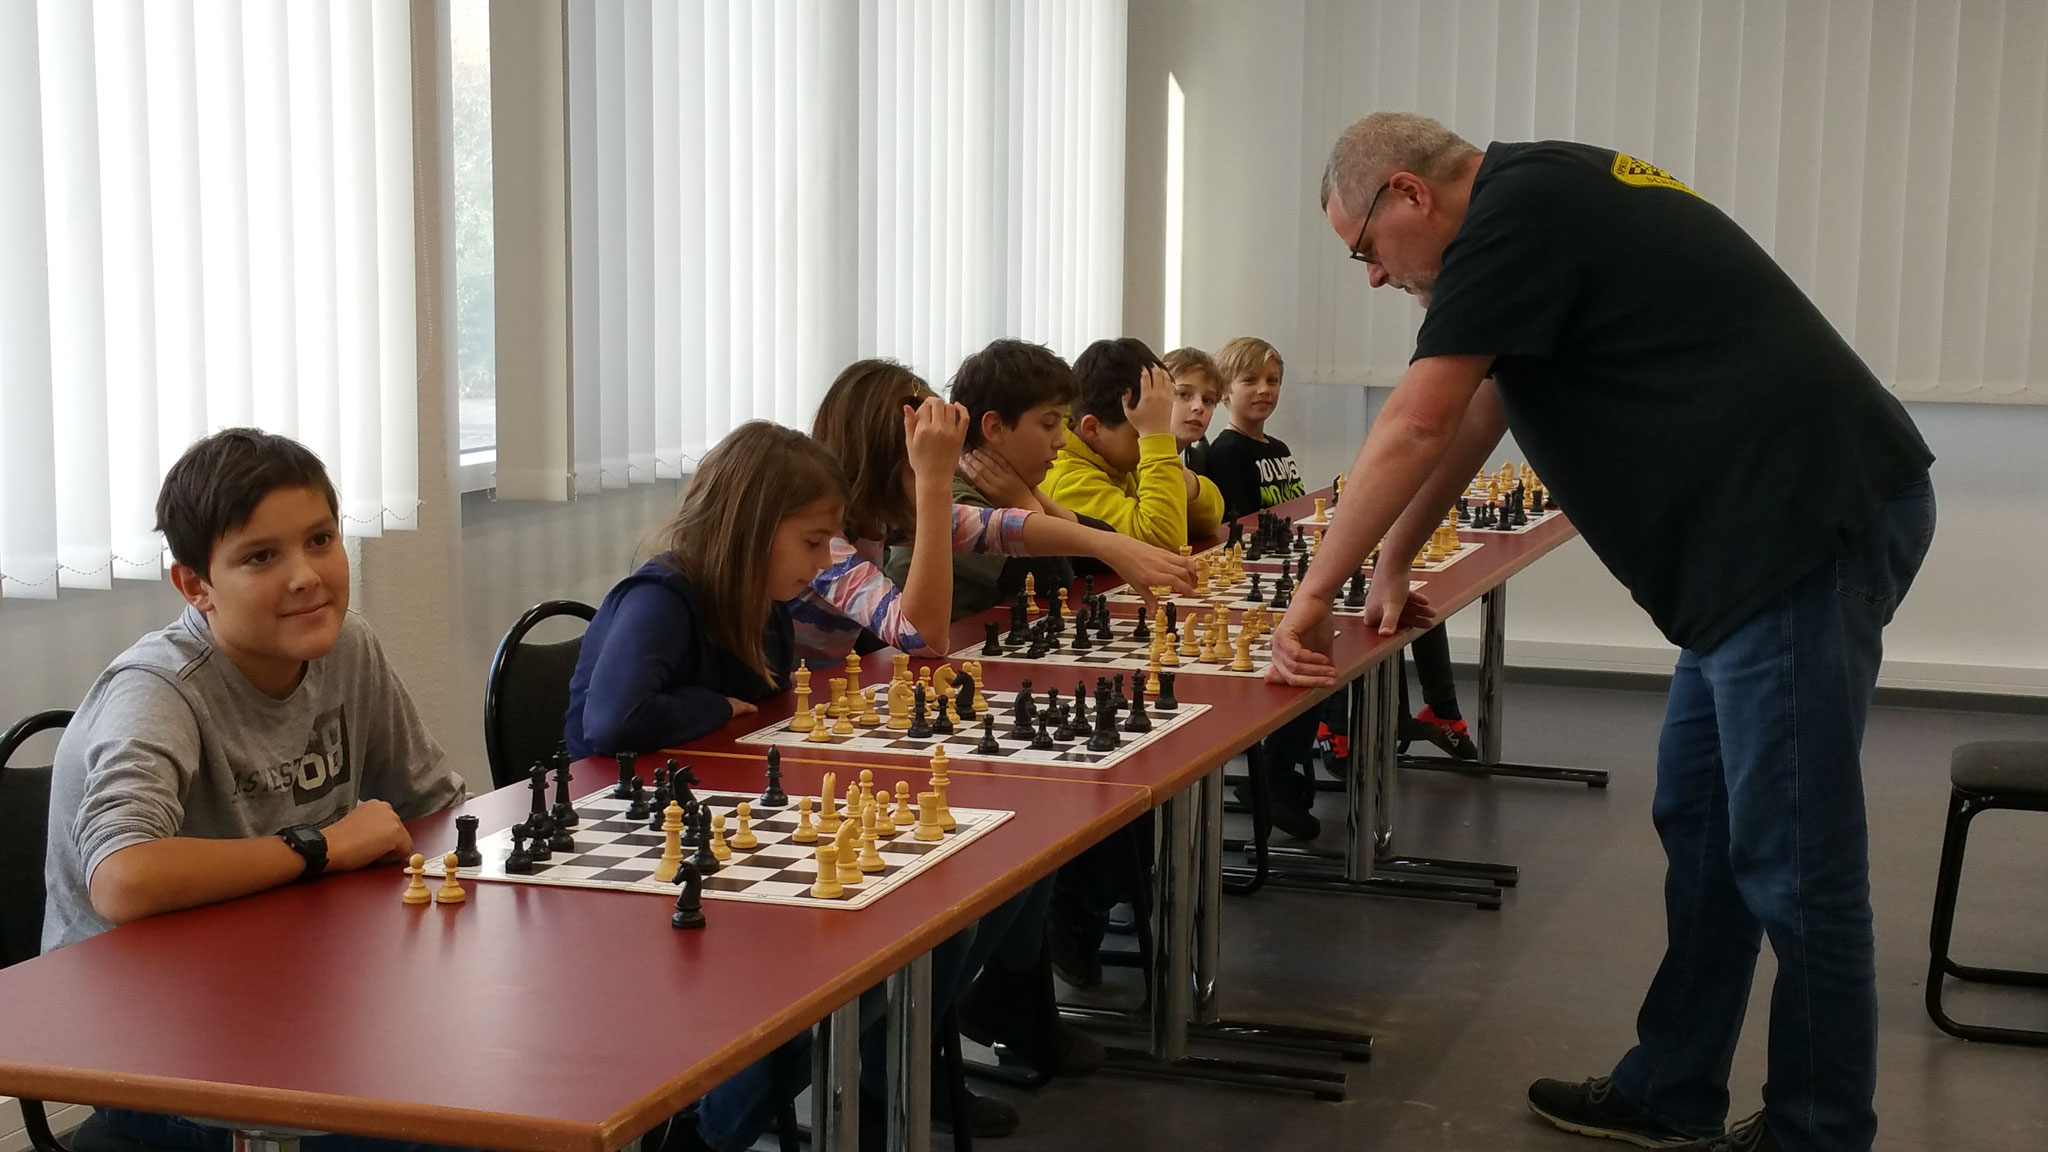 Sascha Sarre spielt Simultan gegen 7 Kinder